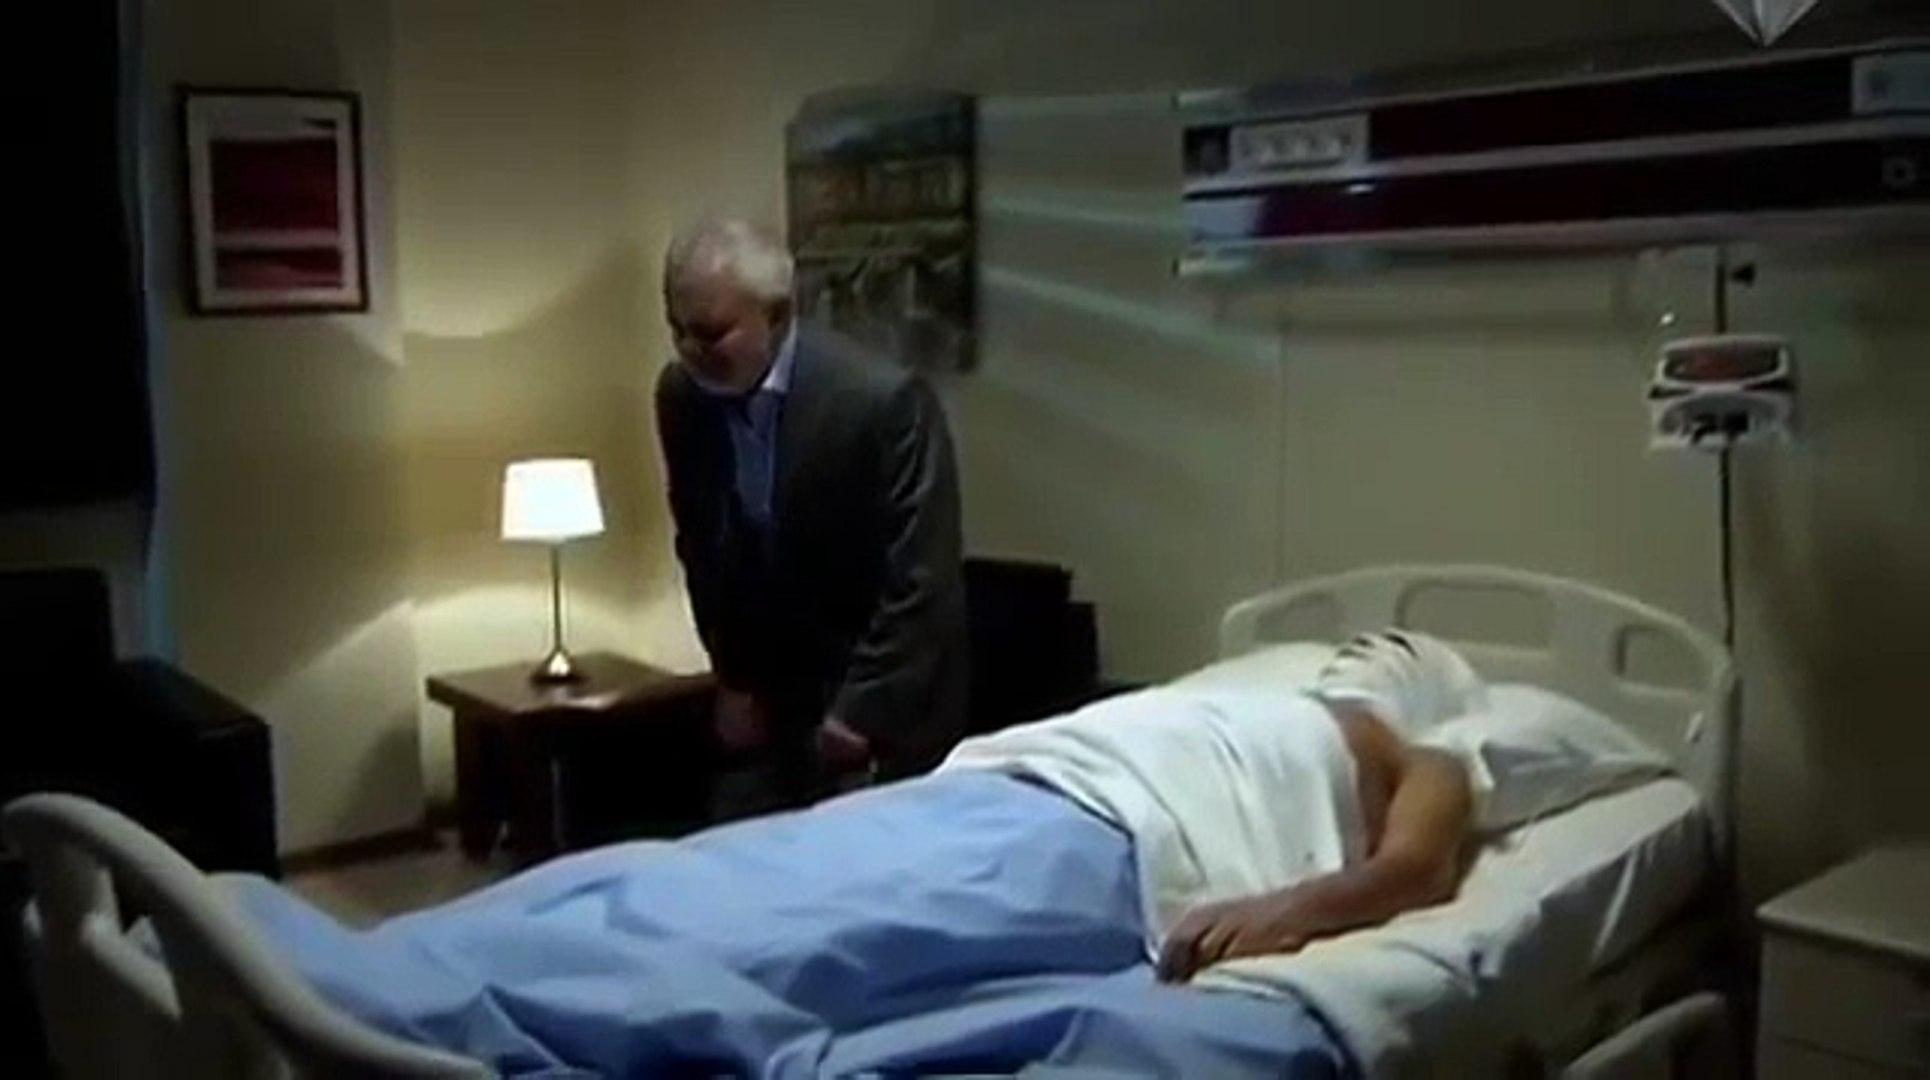 وادي الذئاب الجزء السادس الحلقة 16 مدبلجة للعربية فيديو Dailymotion